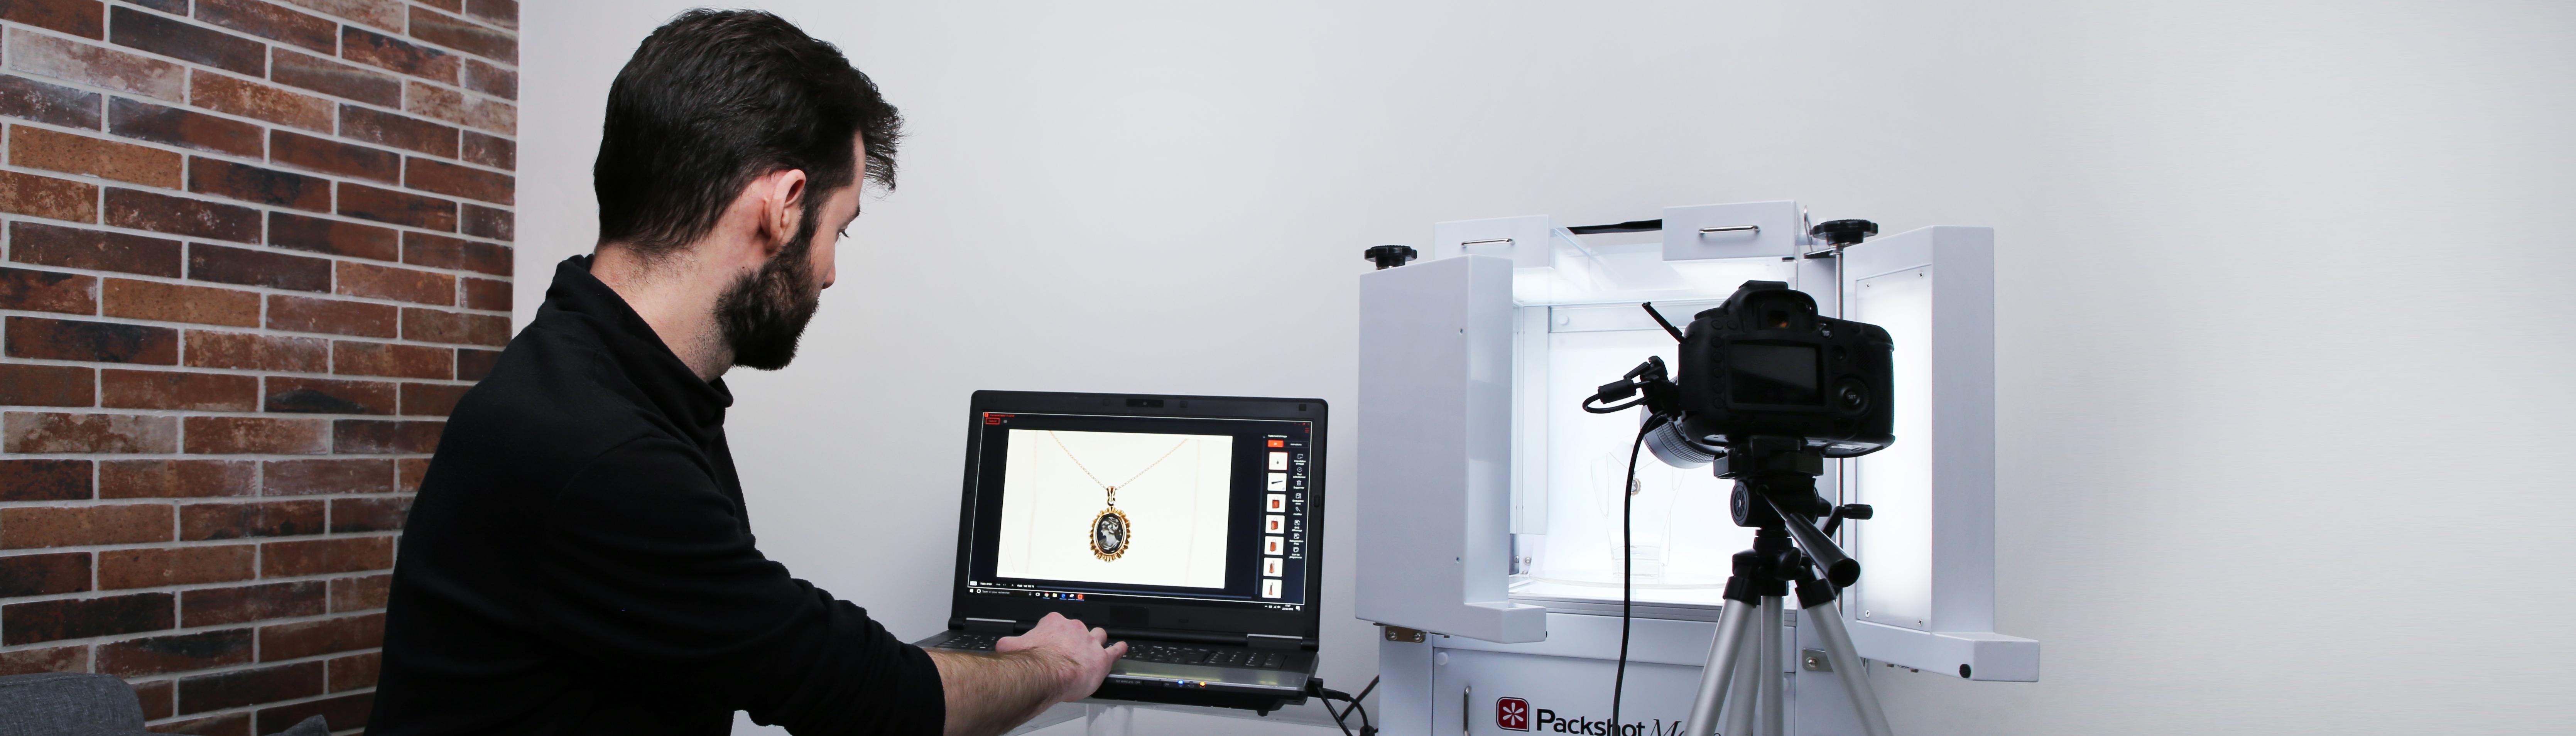 logiciel PackshotCreator photographies et animations de produits